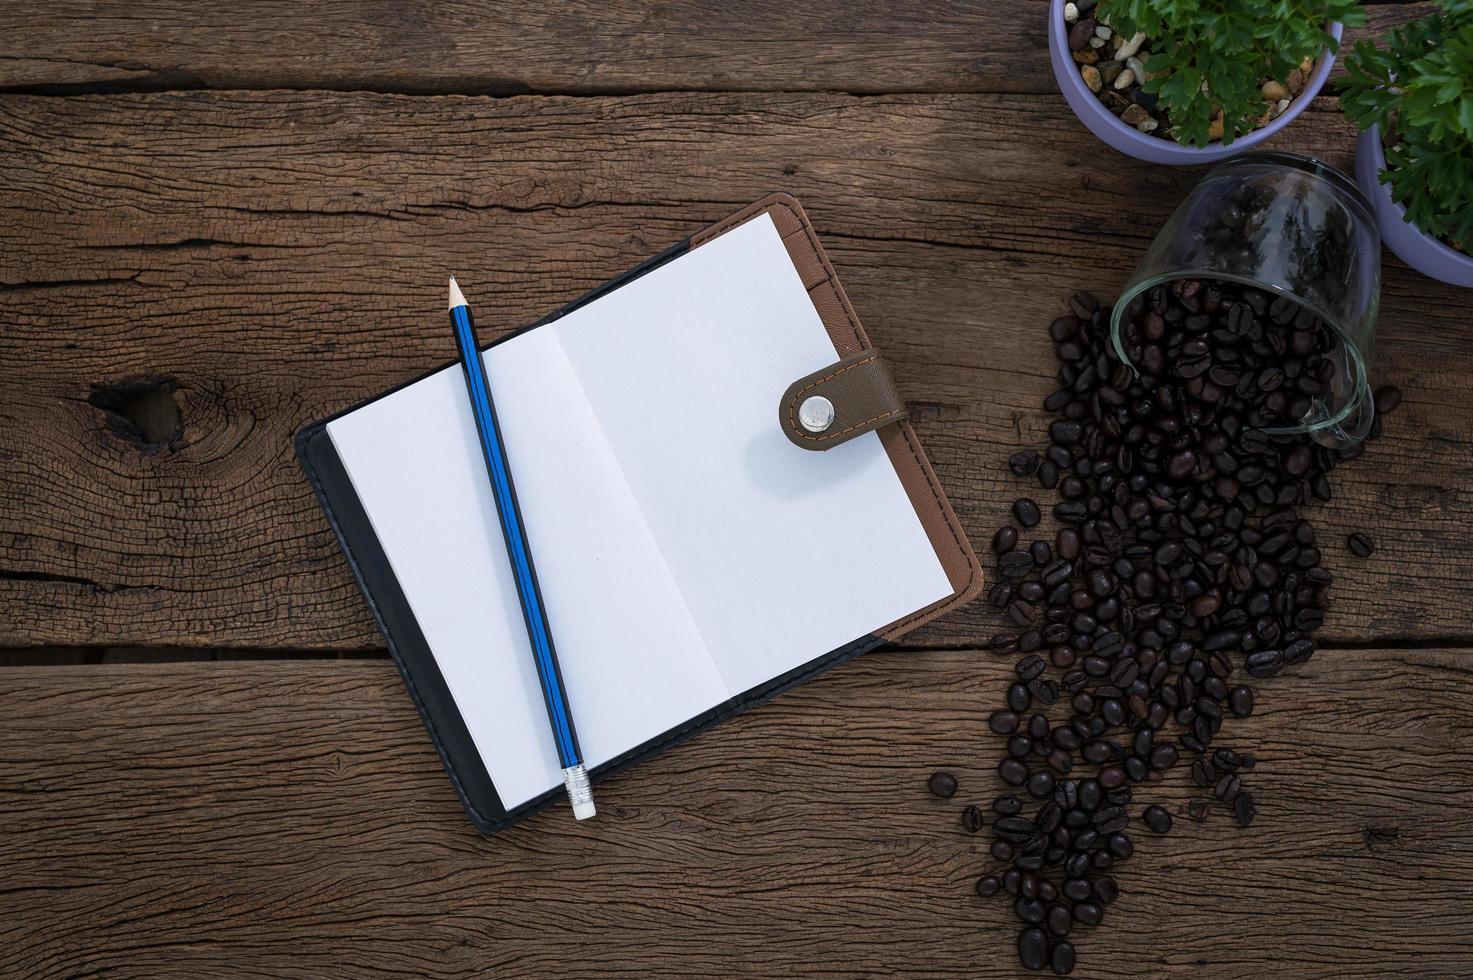 cuaderno con lápiz y granos de café foto